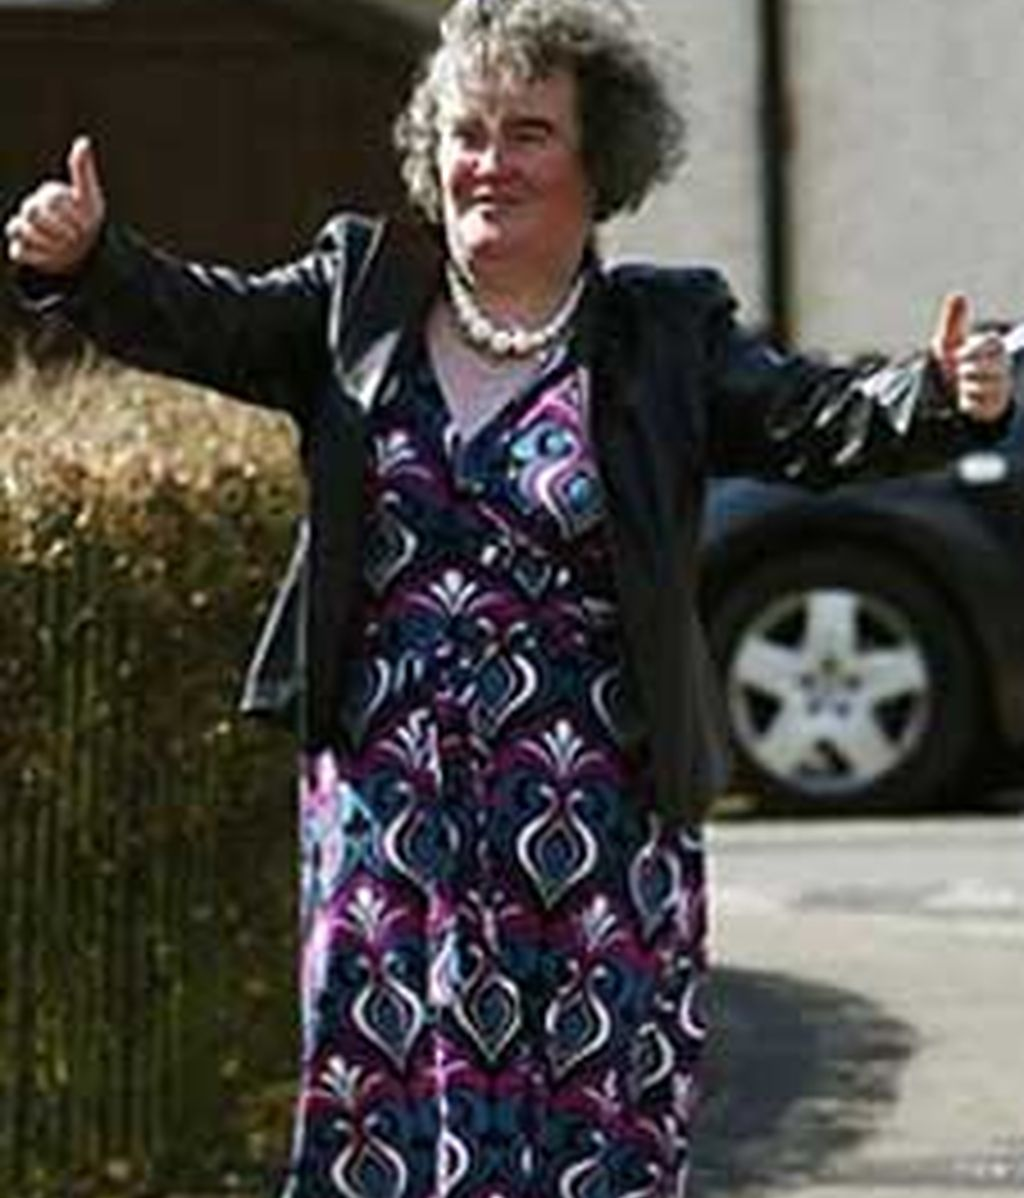 La británica Susan Boyle se ha convertido en uno de los personajes más famosos del panorama televisivo.